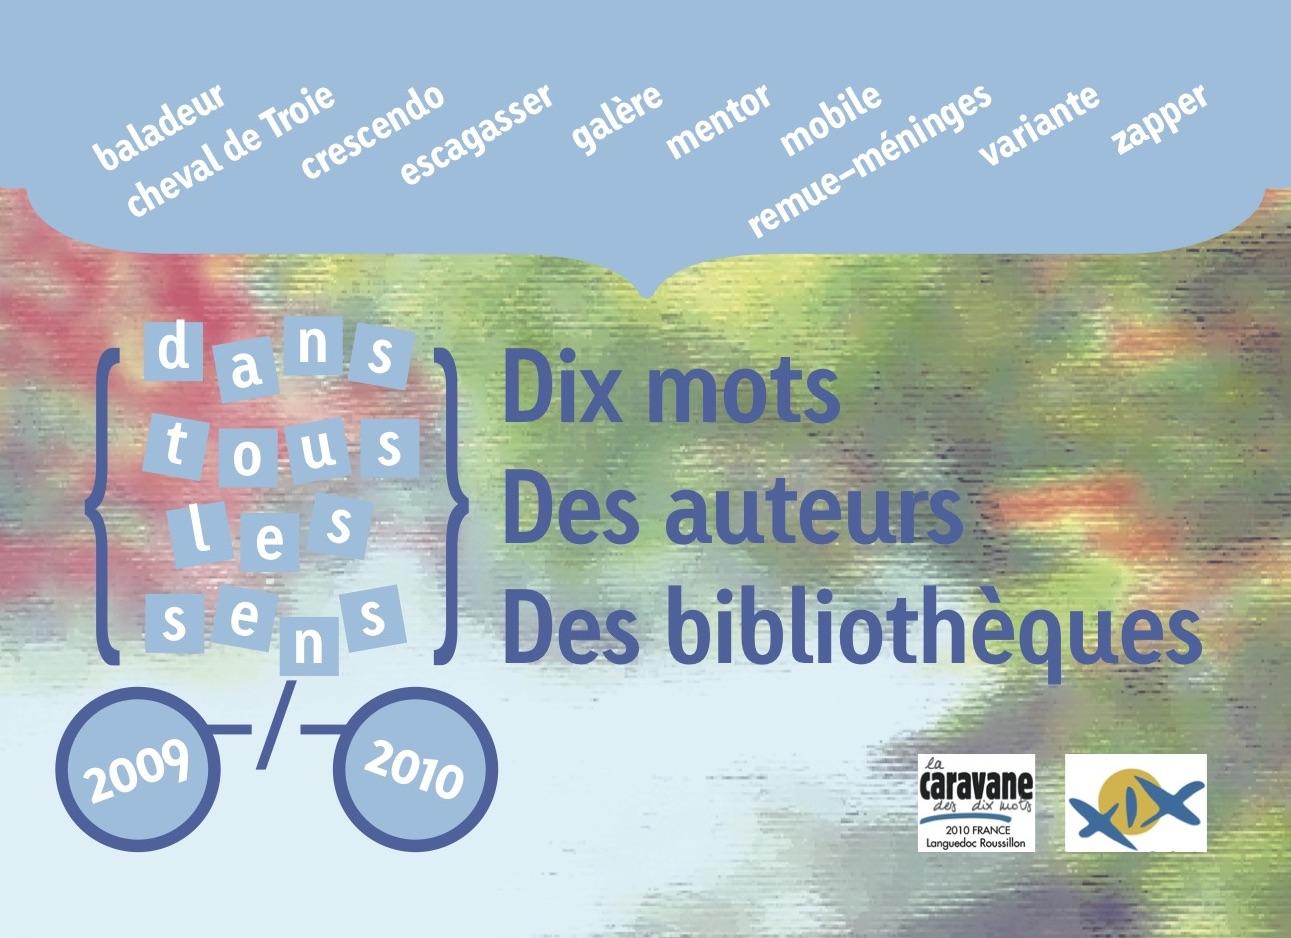 La Caravane des dix mots Occitanie 2010